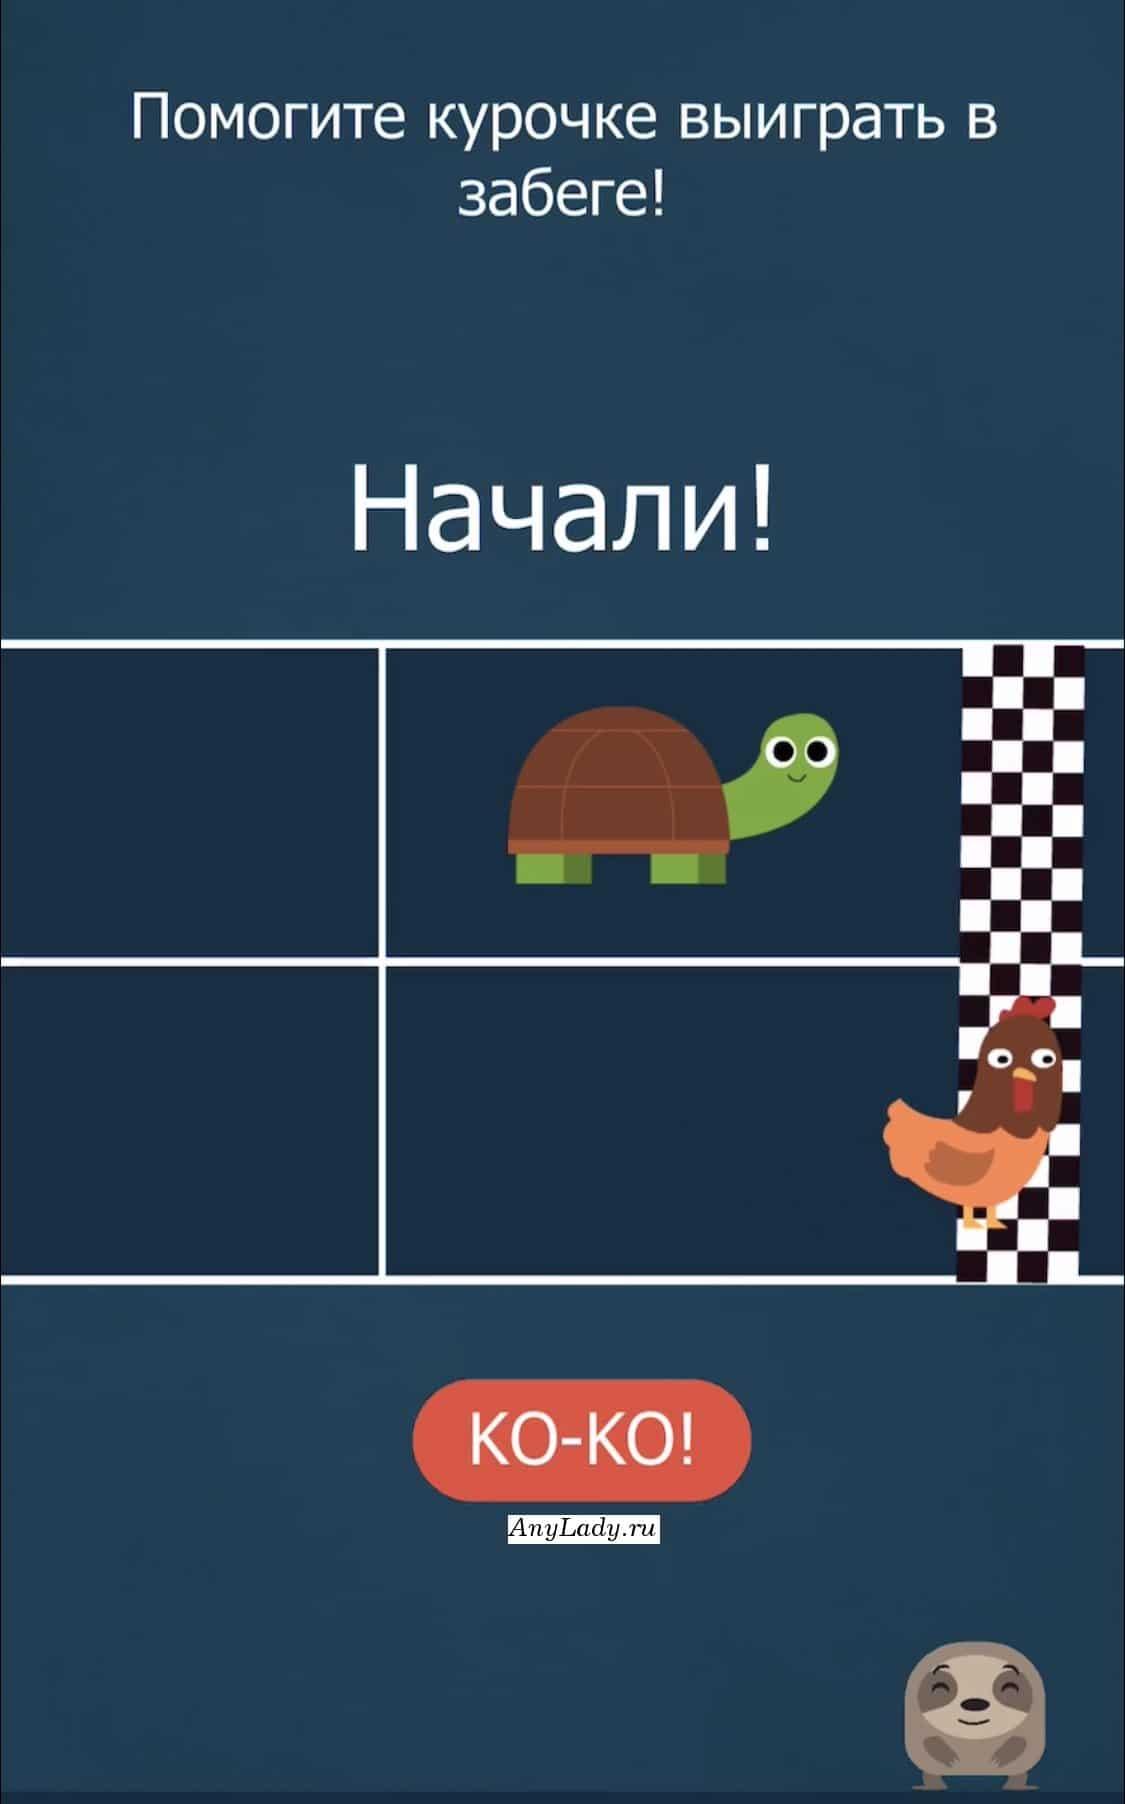 """Вам нужно обогнать черепаху, для этого: быстро кликайте по клавише """"КО - КО""""."""